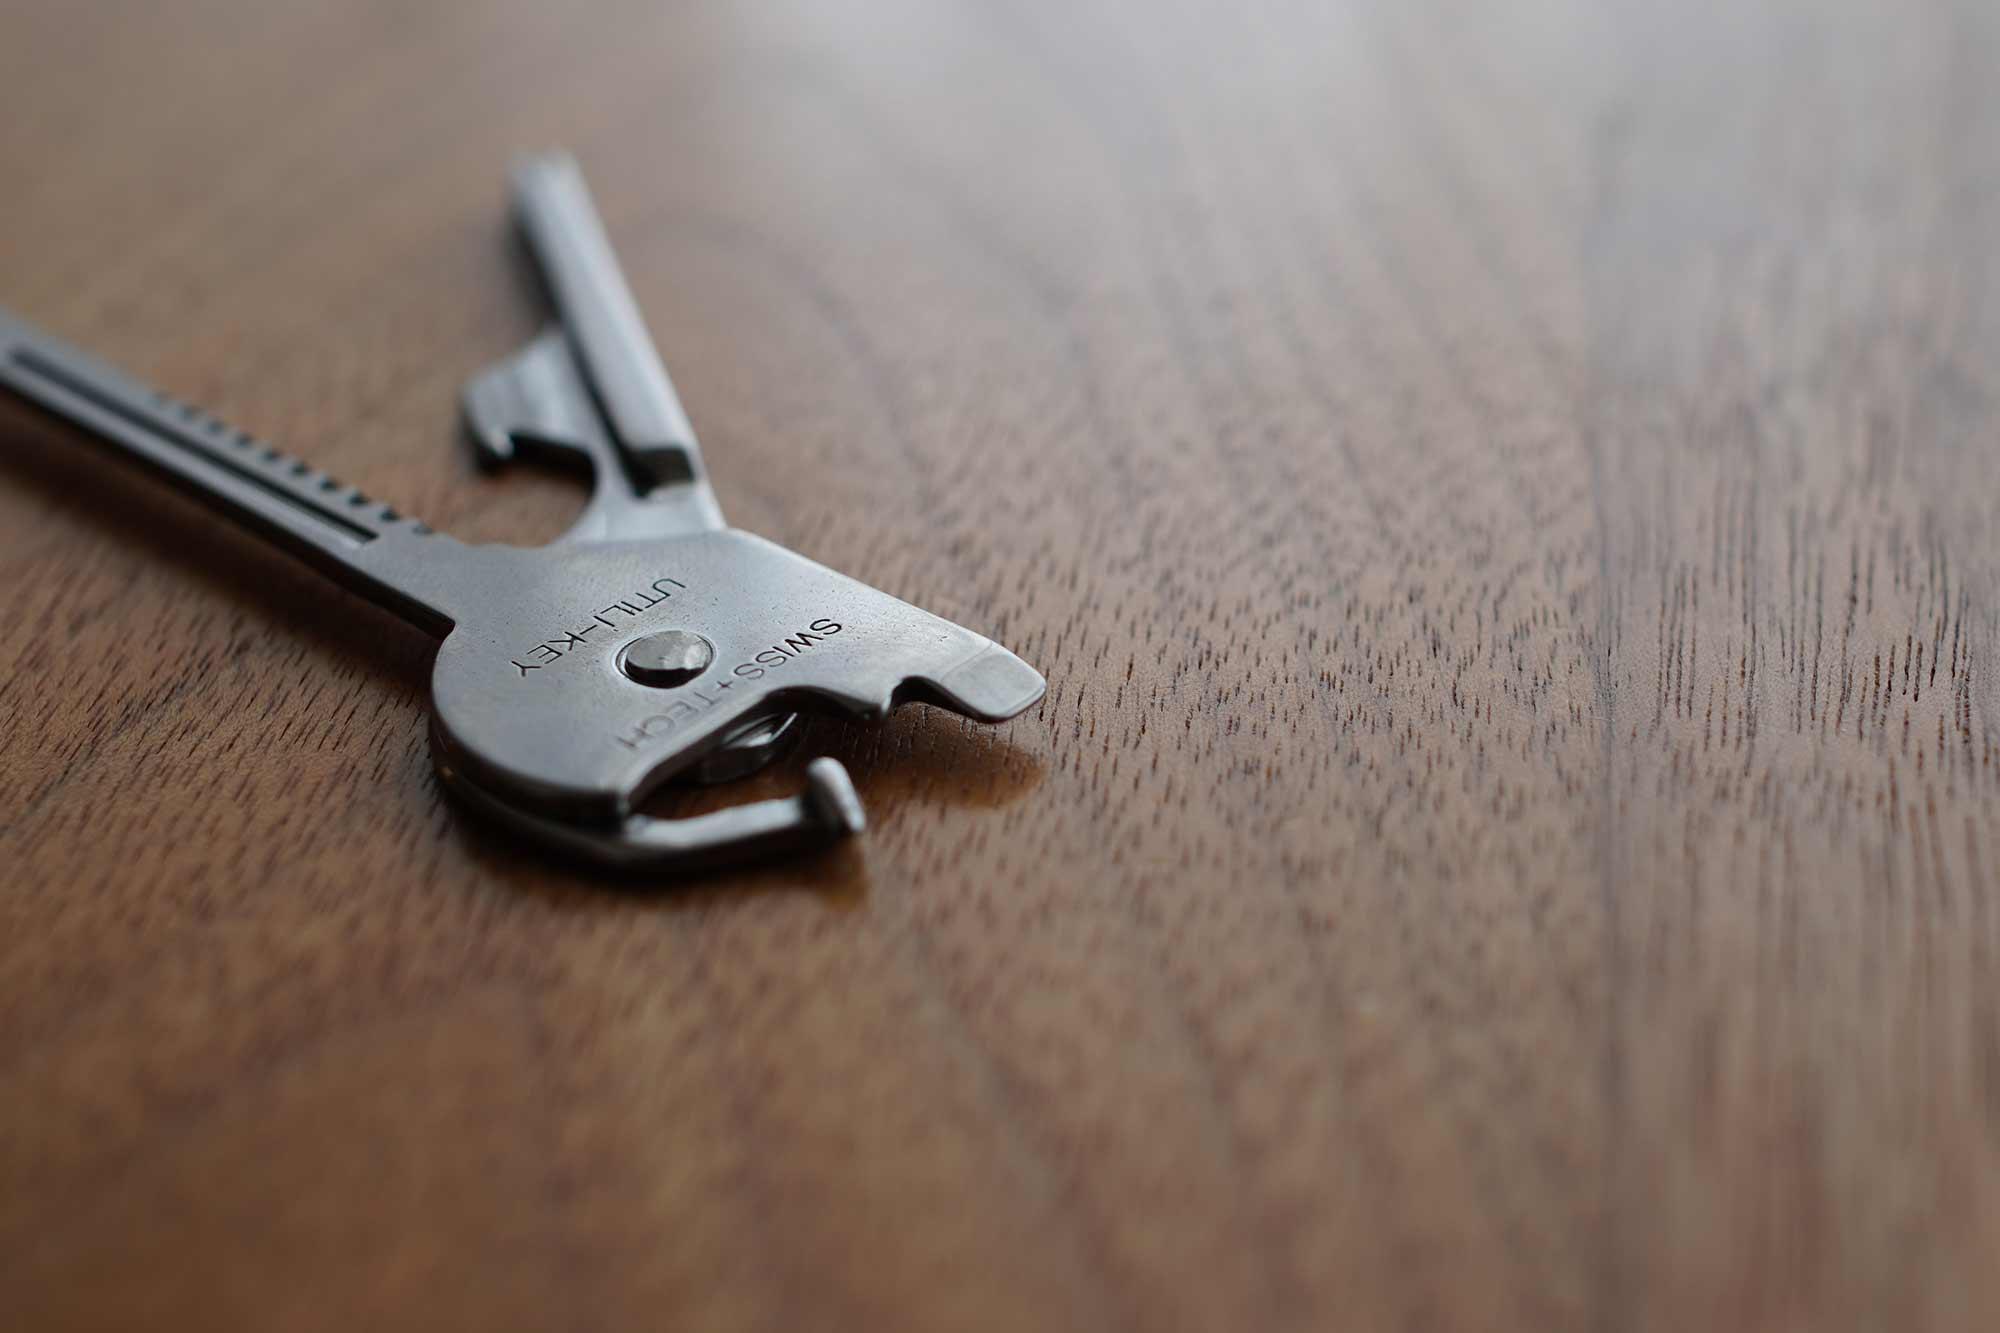 マルチツール,鍵,ドライバー,栓抜き,キャンプ,便利,軽い,マイナスドライバー